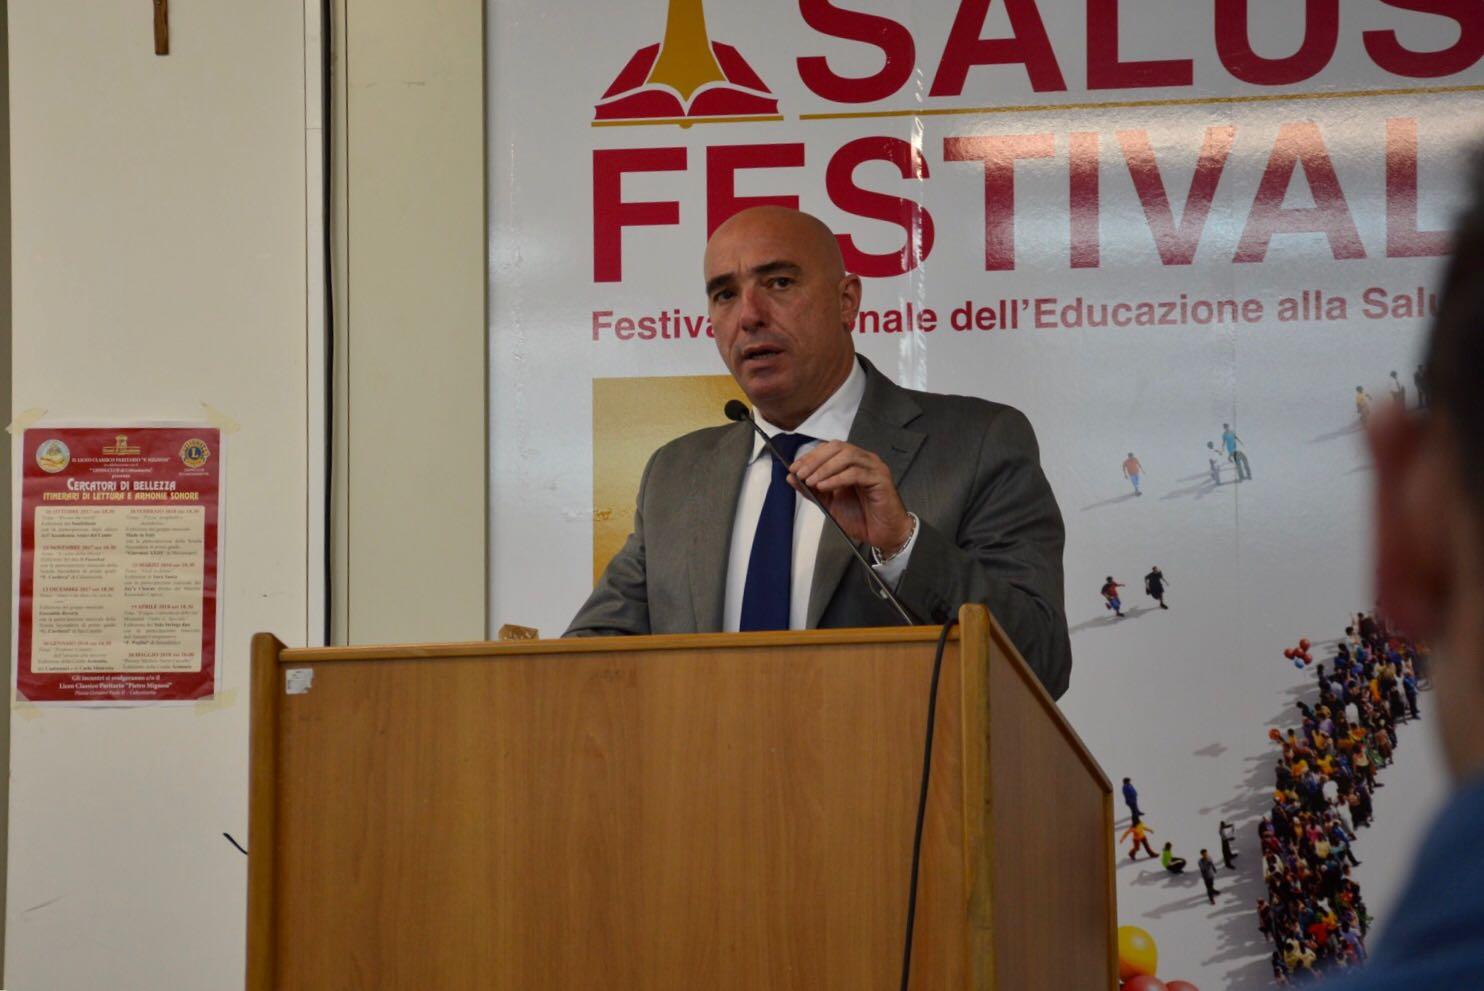 Giorgio Castronovo